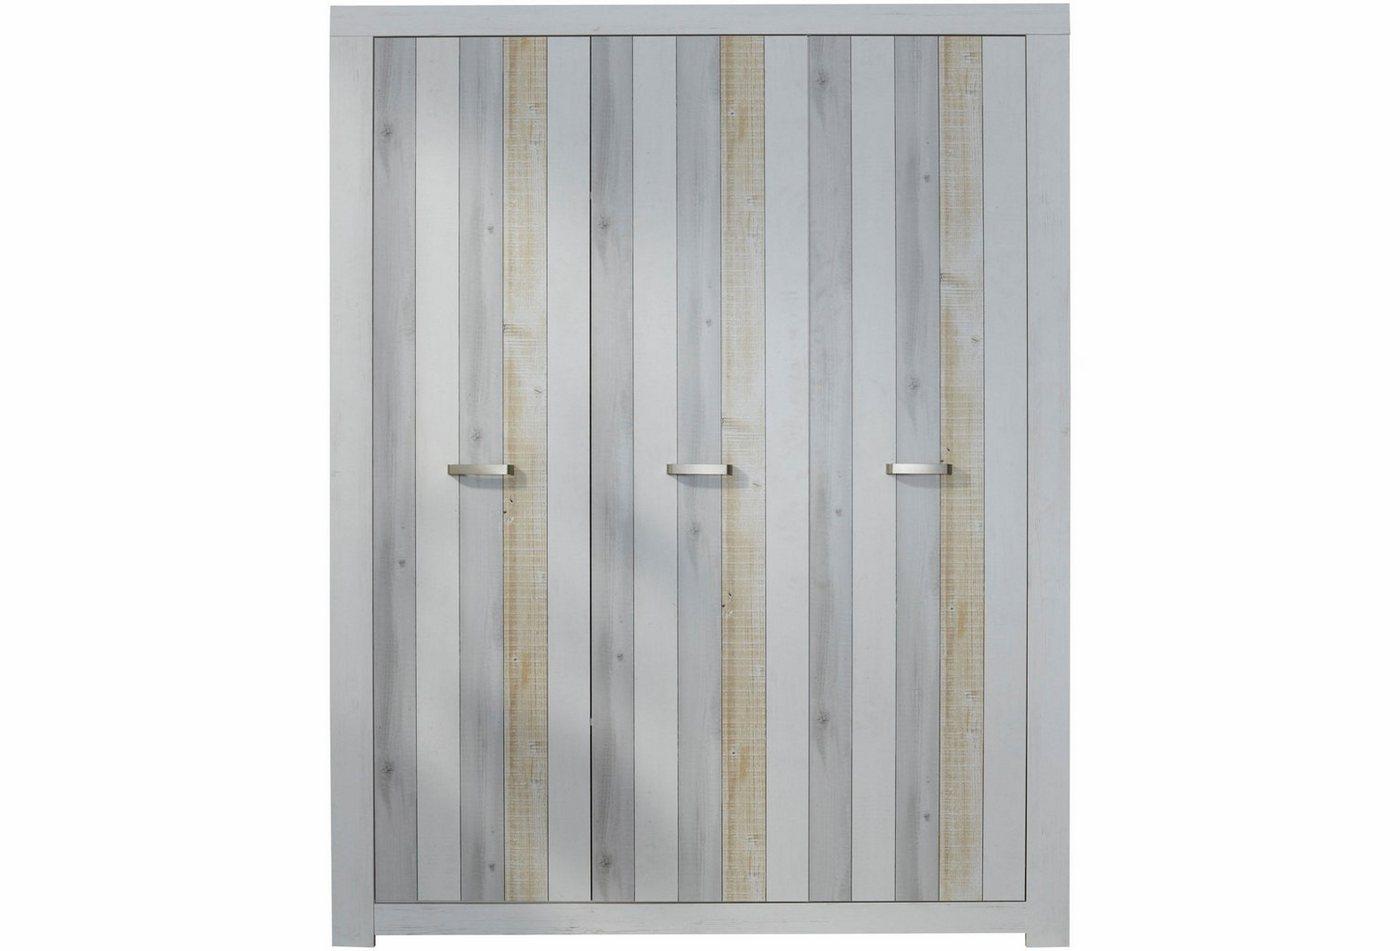 Garderobekast passend bij meubelserie Amrum, imitatie-pine, structuur, wit/houten planken-look